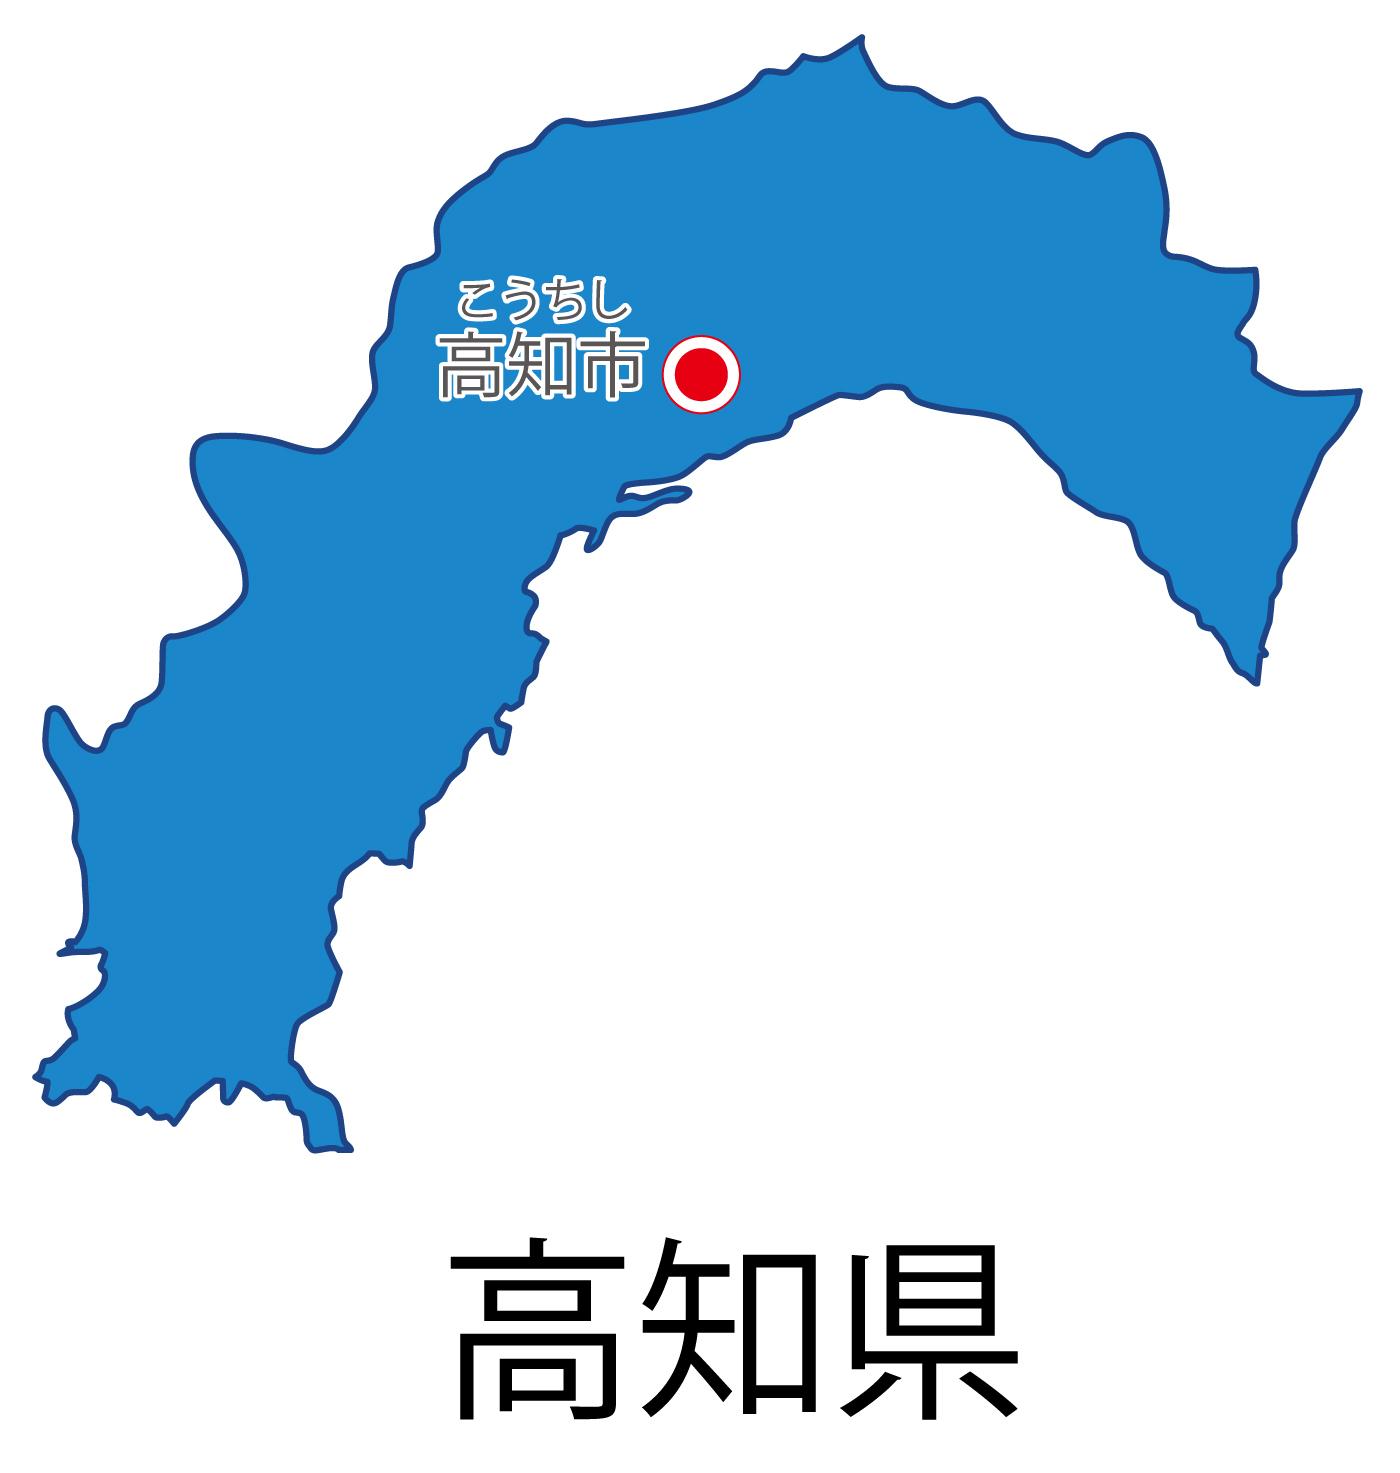 高知県無料フリーイラスト|日本語・都道府県名あり・県庁所在地あり・ルビあり(青)